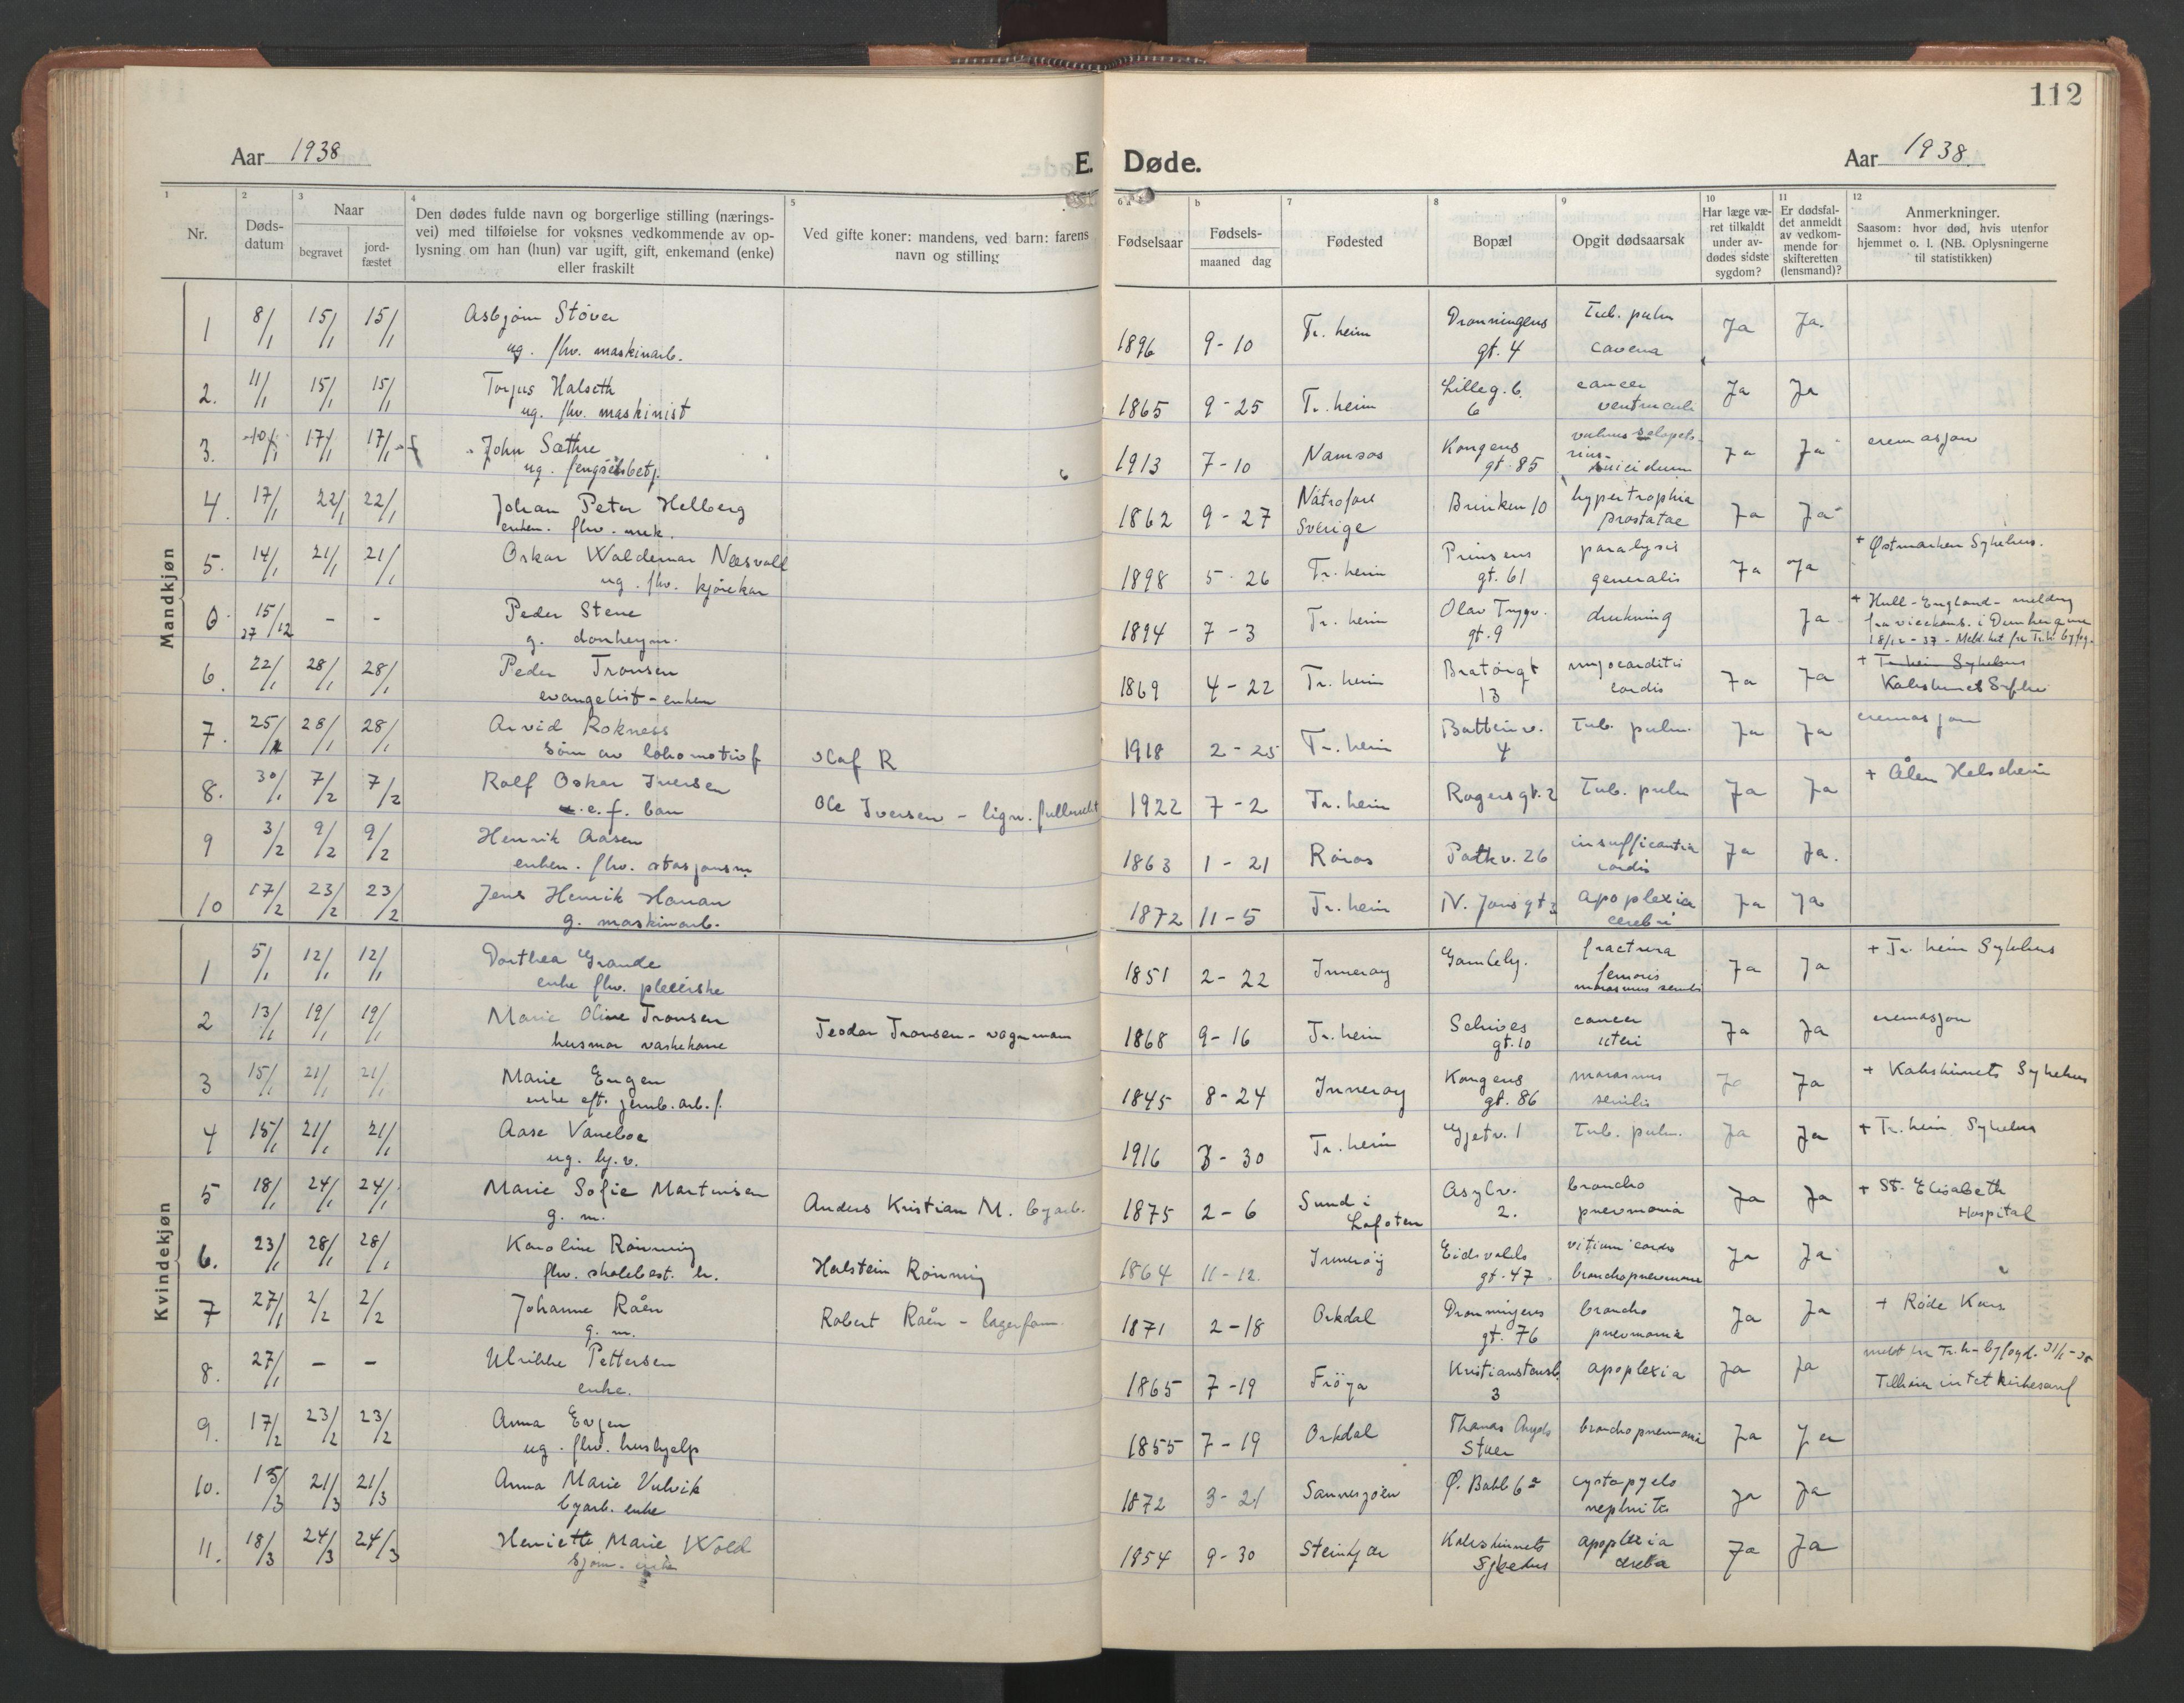 SAT, Ministerialprotokoller, klokkerbøker og fødselsregistre - Sør-Trøndelag, 602/L0150: Klokkerbok nr. 602C18, 1922-1949, s. 112